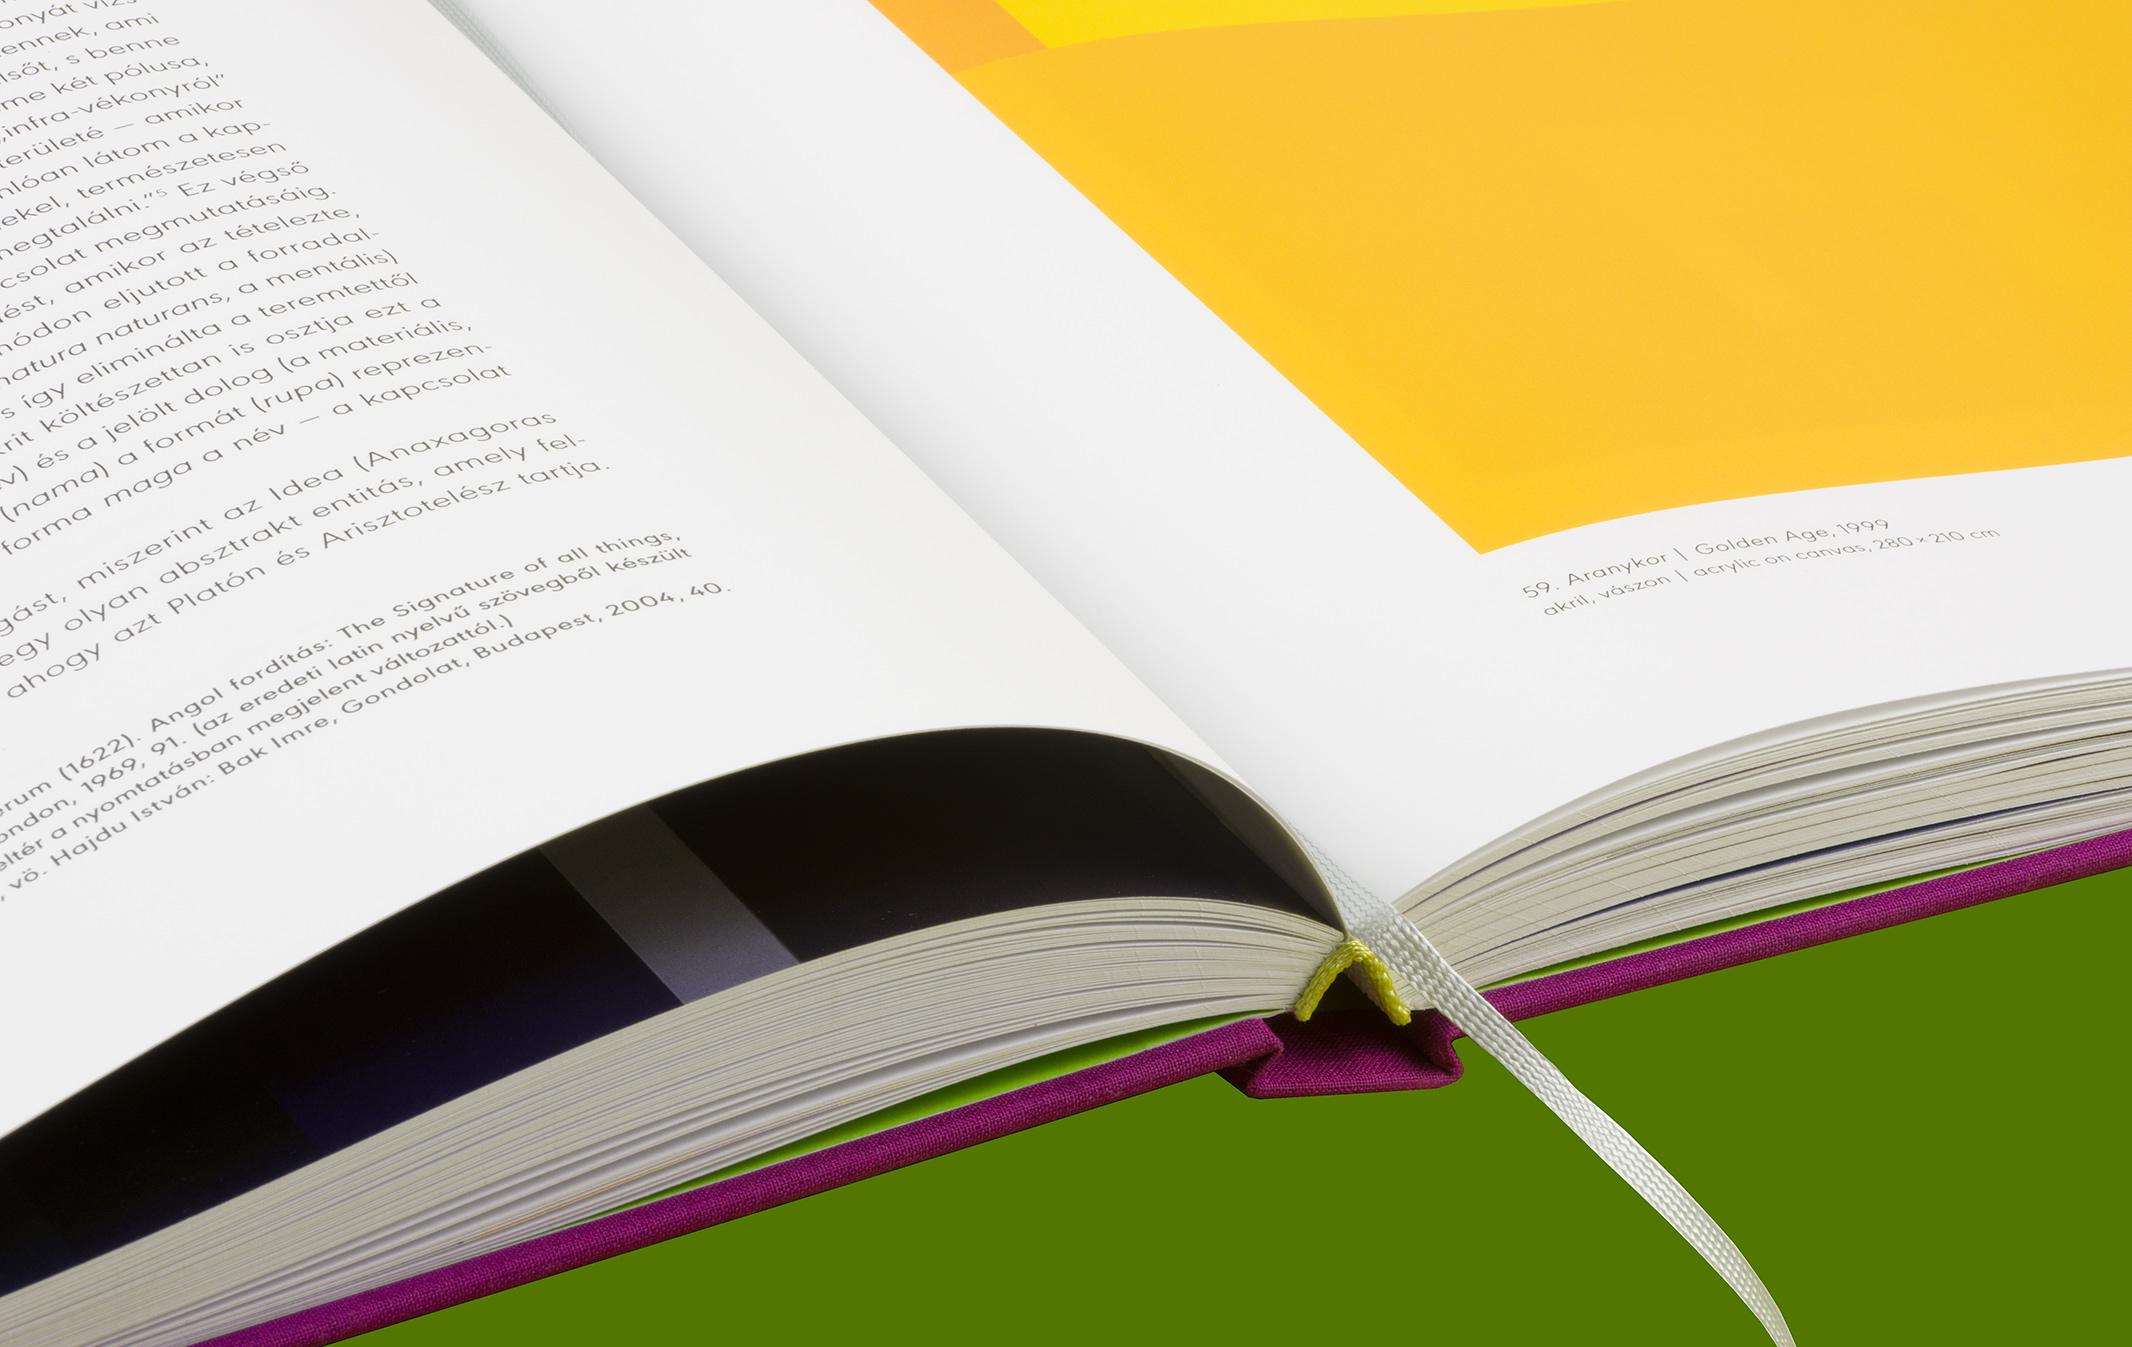 bak-imre-book-1